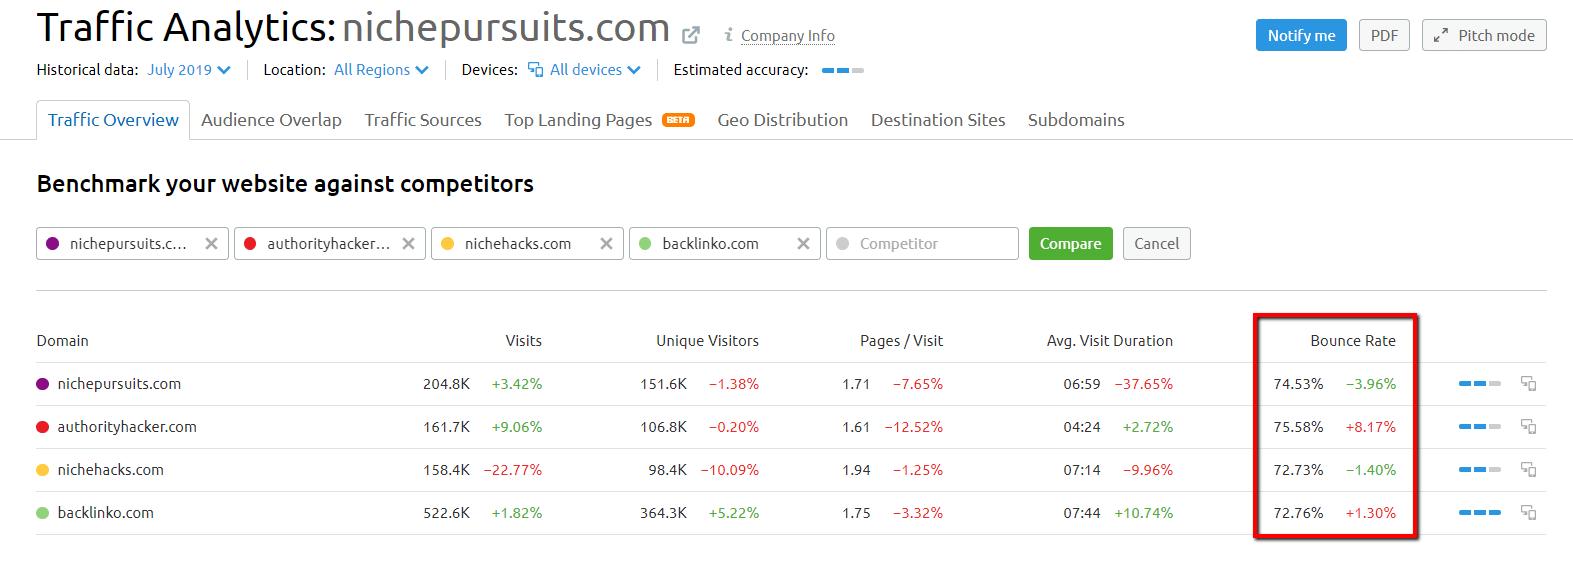 semrush traffic analytics bounce rate